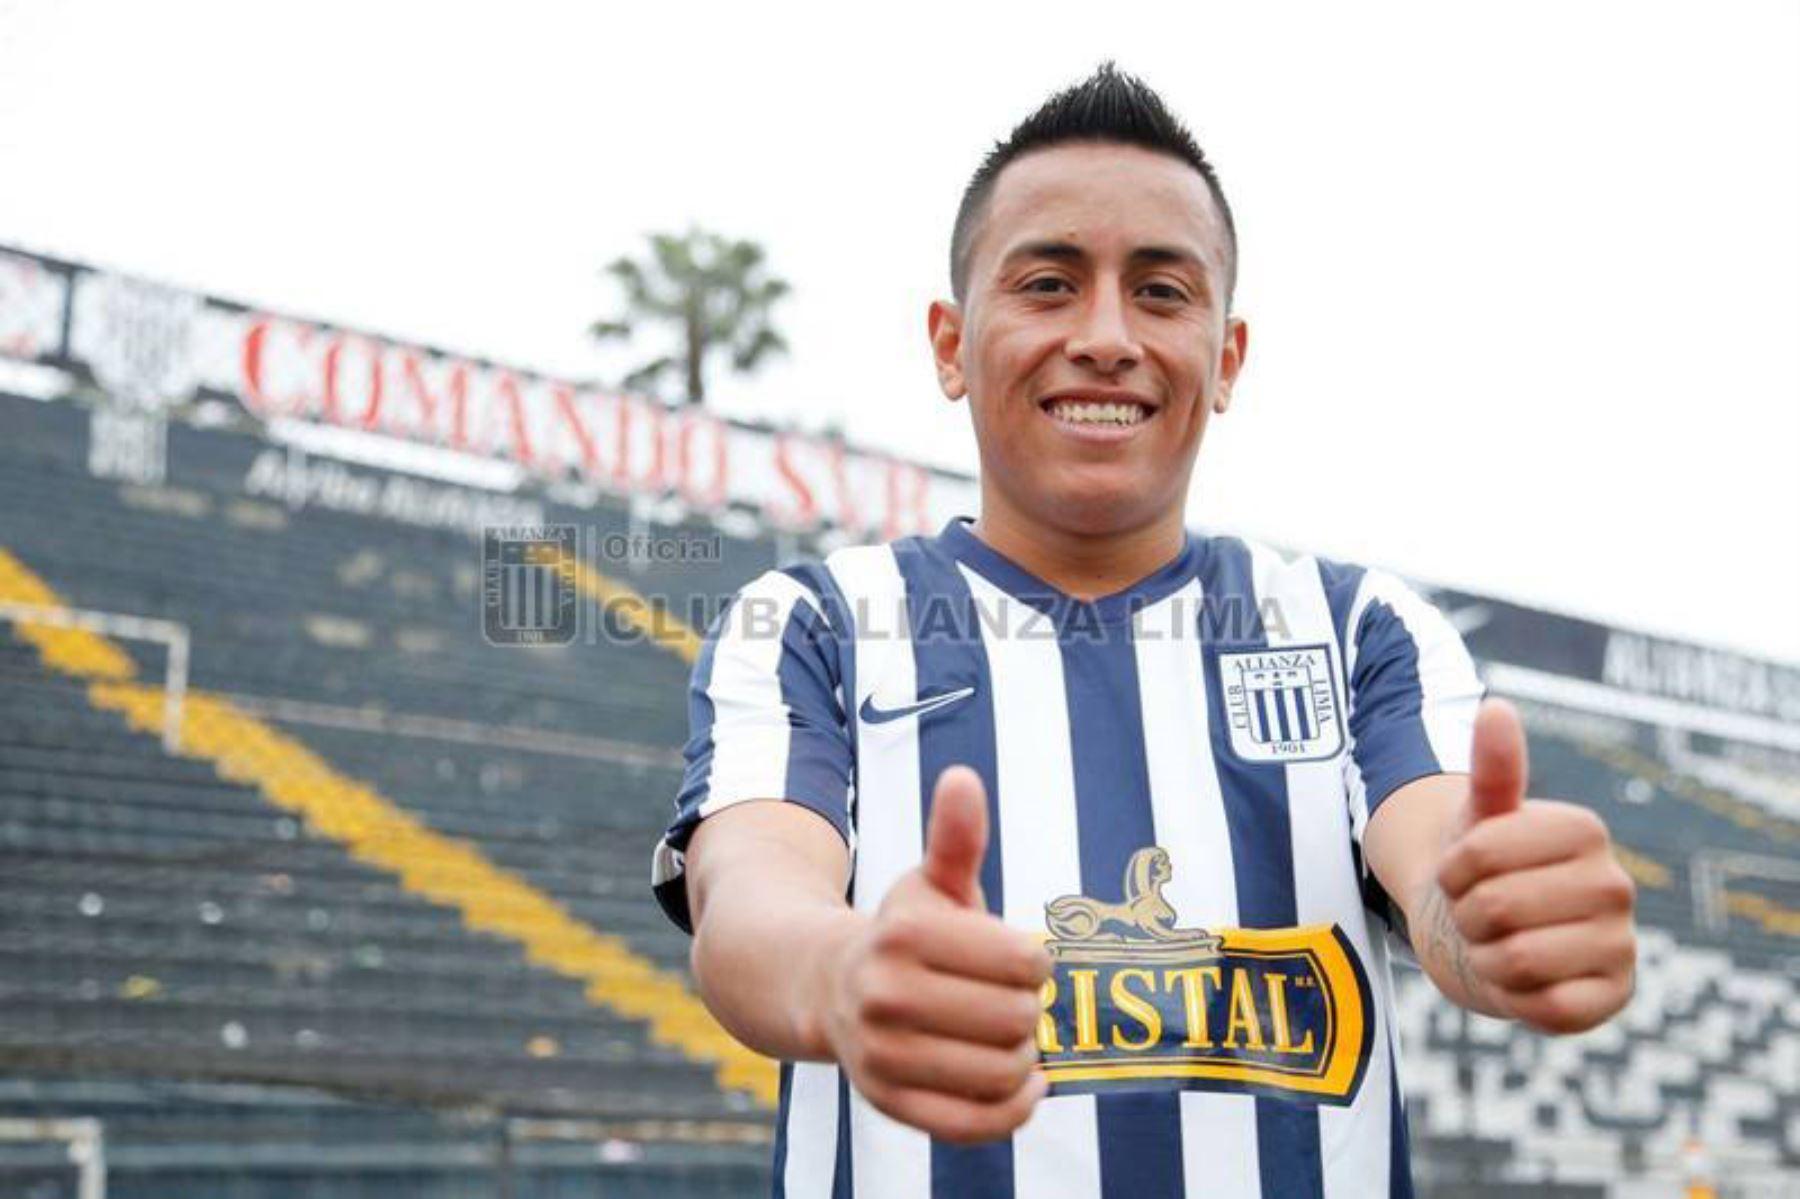 Christian Cueva debutó el 17 de septiembre del 2014 en Alianza Lima. Su primer gol lo anotó ante Intigas logrando un empate para su club. Foto: Club Alianza Lima